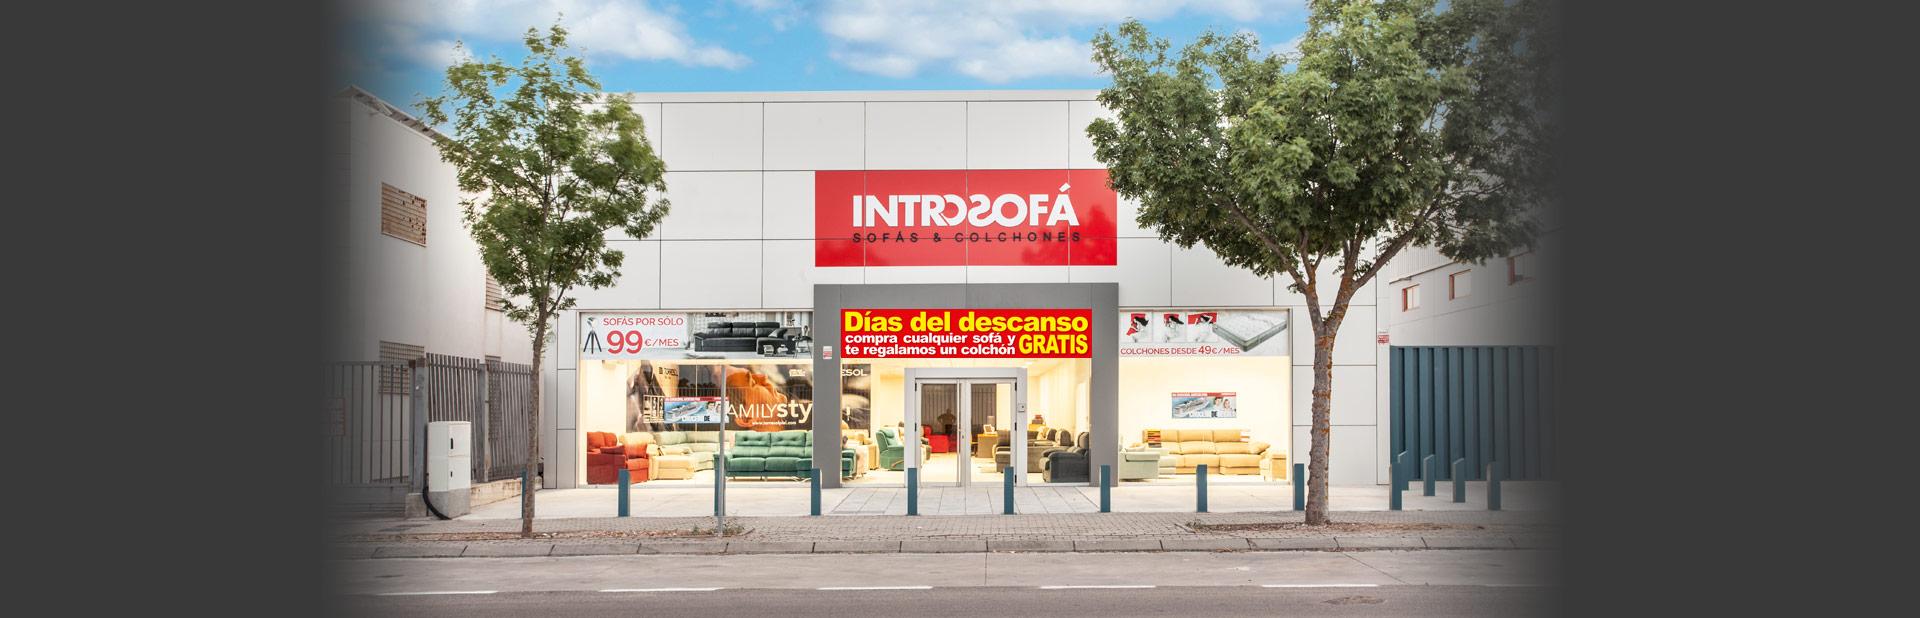 Introsofá Sofás y colchones en Ciudad Real